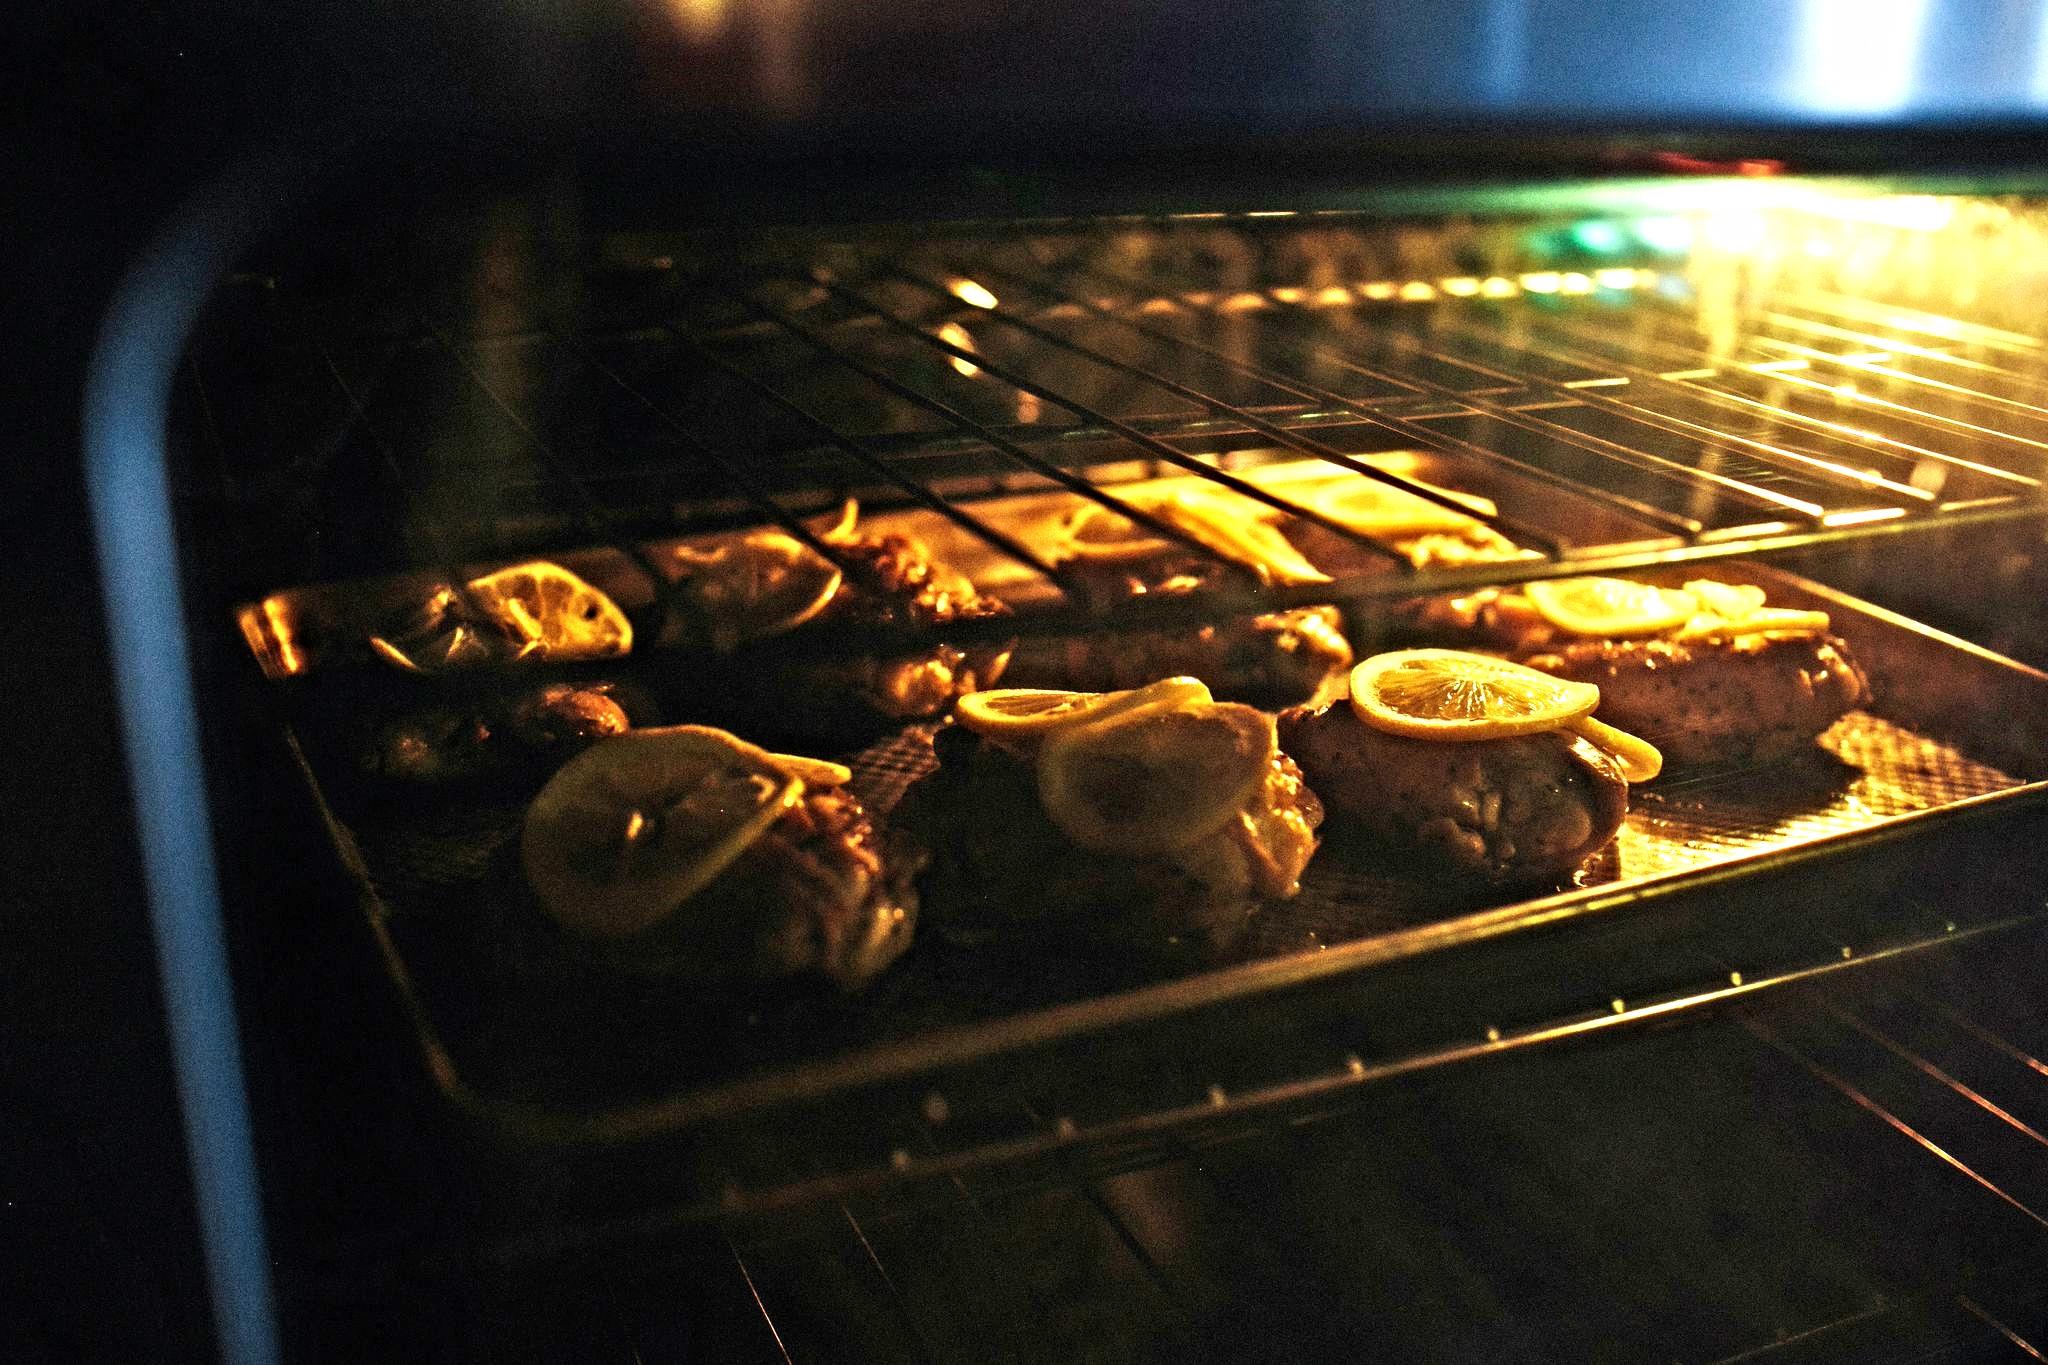 Oven baked herbed chicken